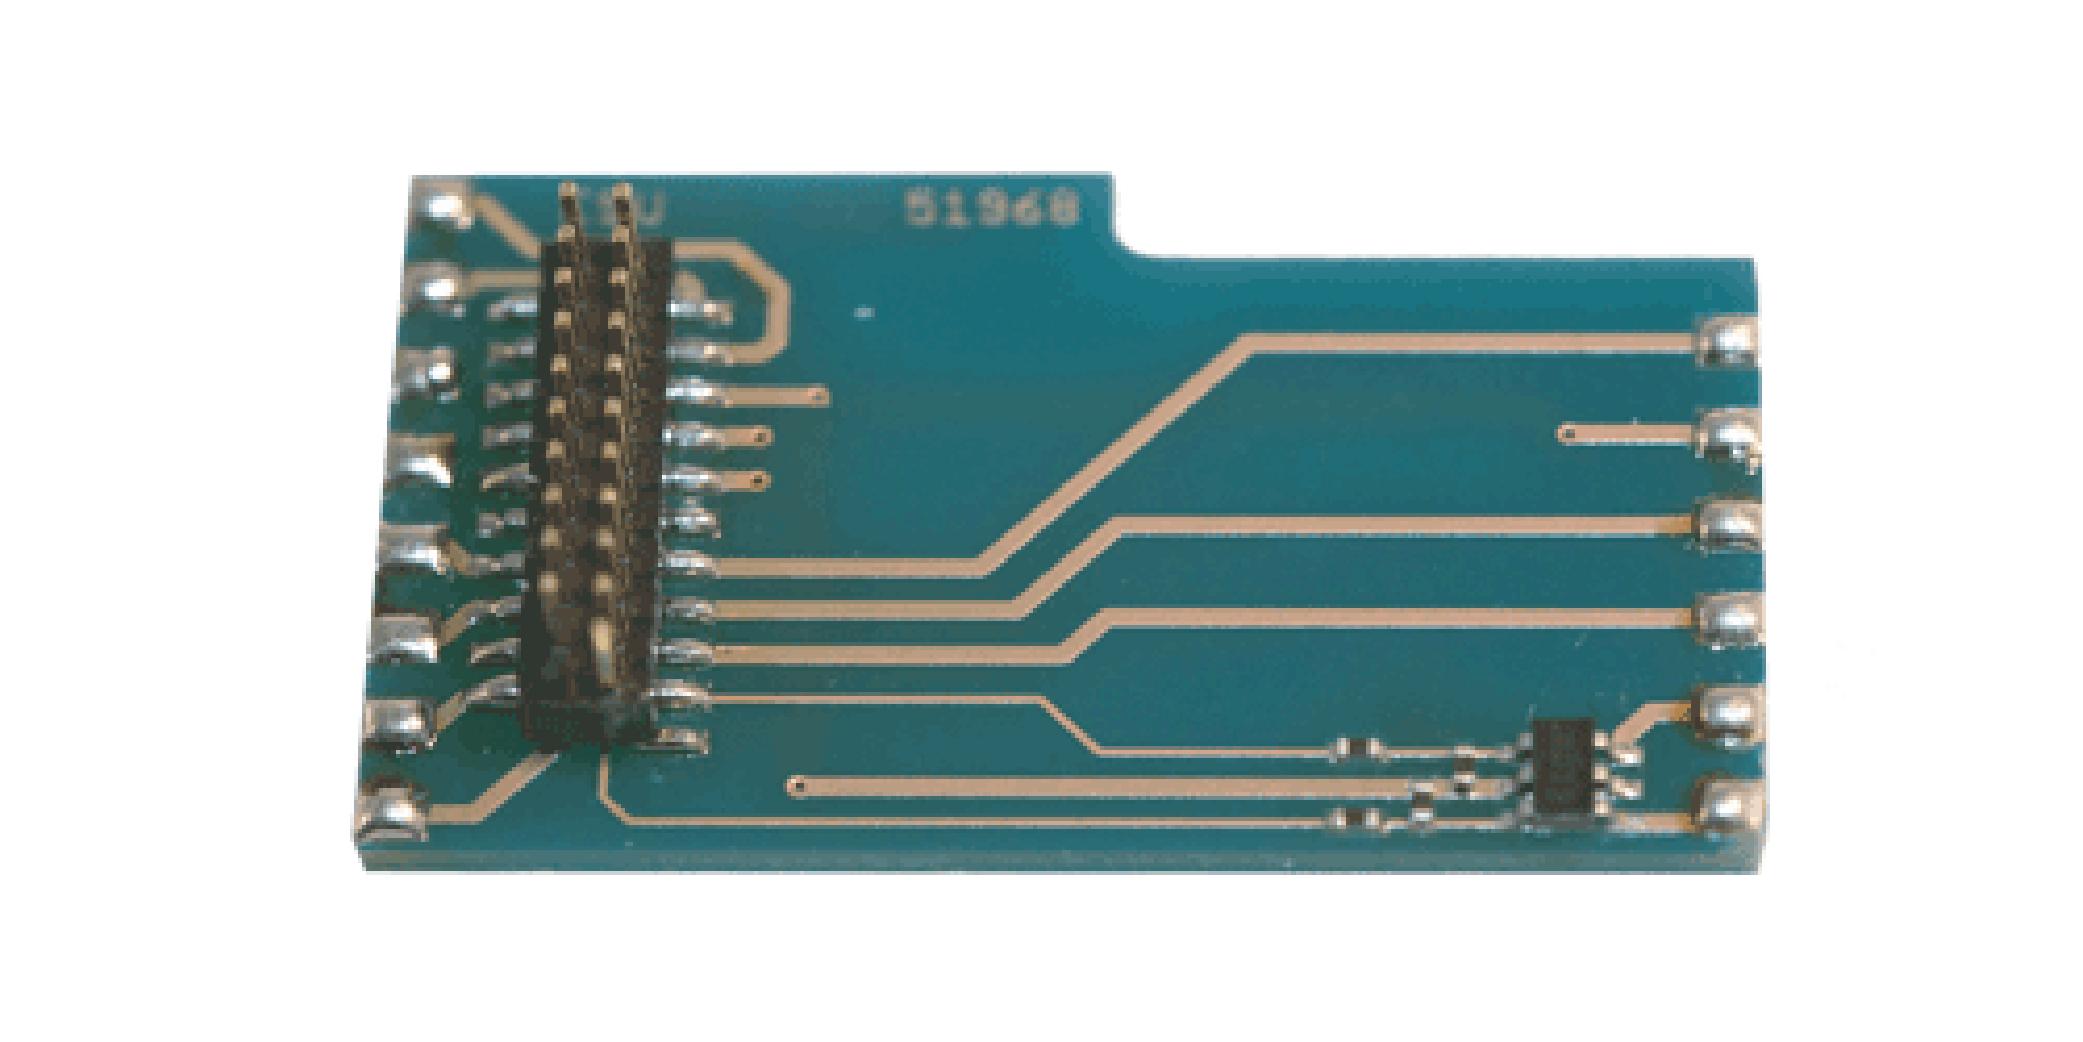 ESU-Elektronik 51968 Adapterlokplatine L-Form wie 6090x, mit AUX3 bis AUX6, für LokSound V3.5/V4.0,